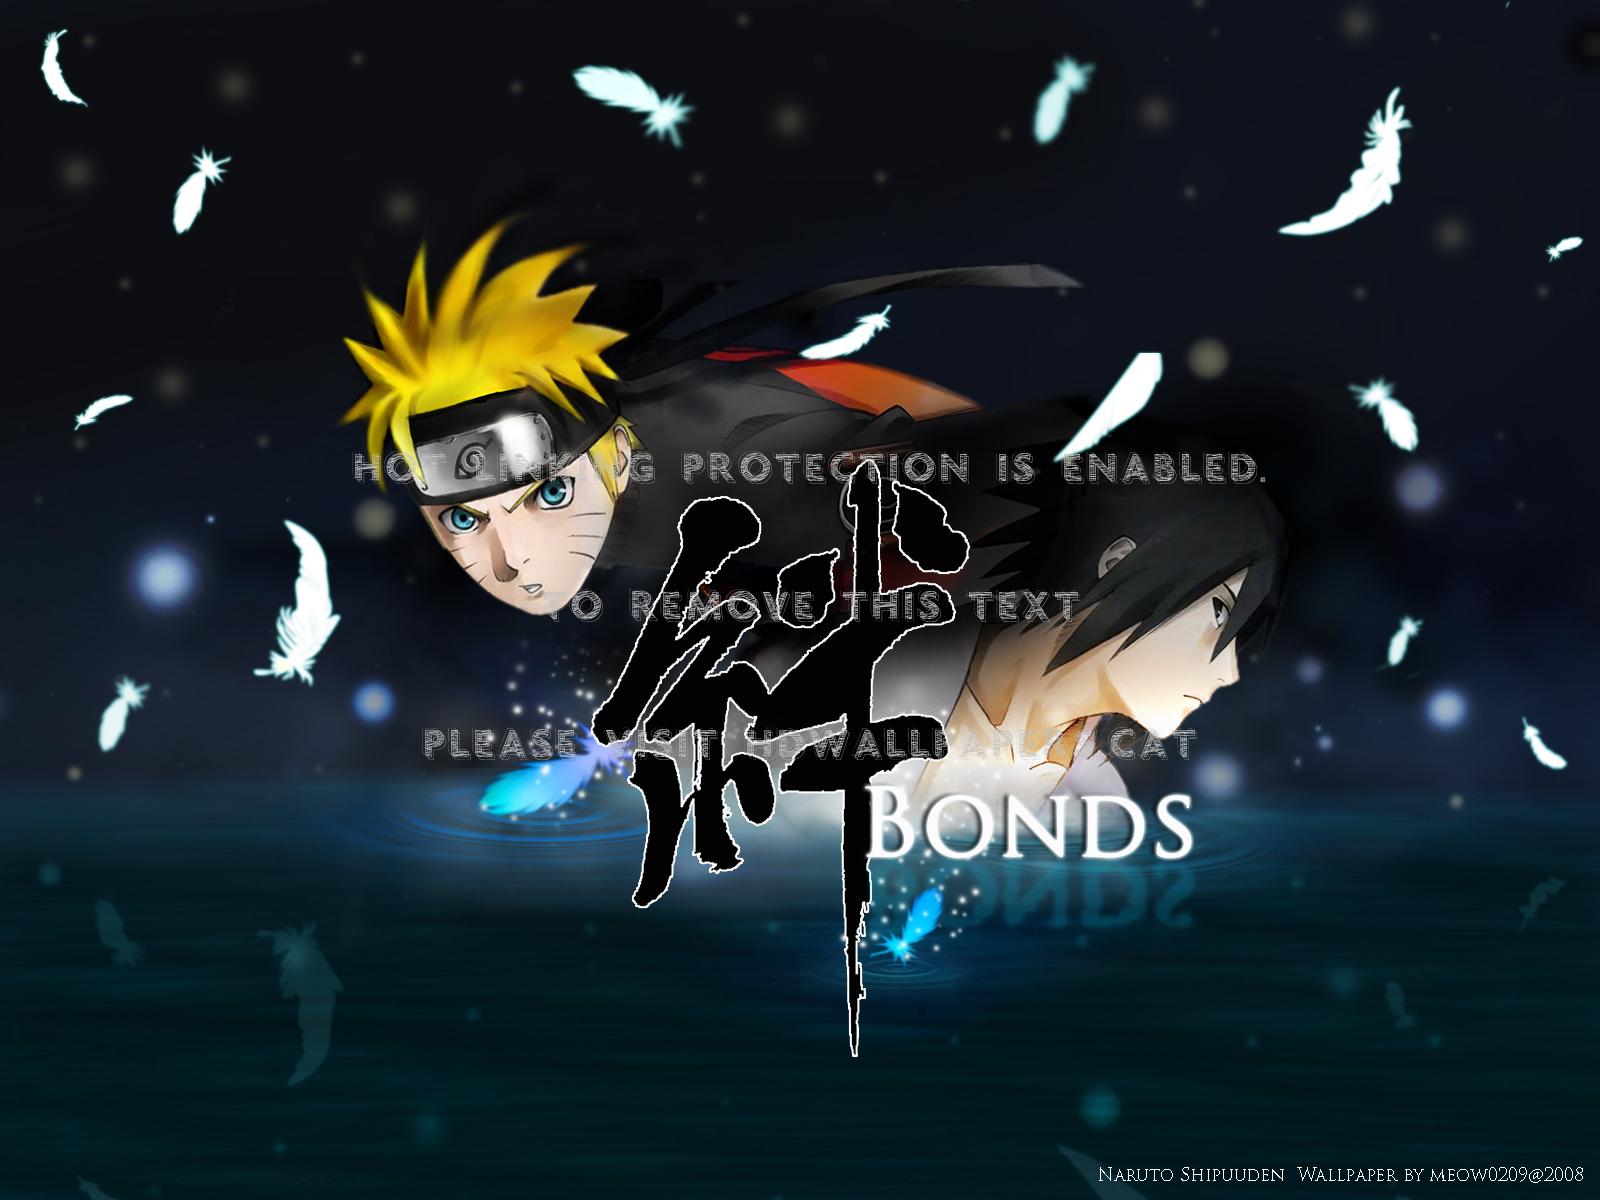 Naruto And Sasuke Shippudden Uzumaki Itachi - Naruto Shippuden The Movie Bonds Backdrop - HD Wallpaper